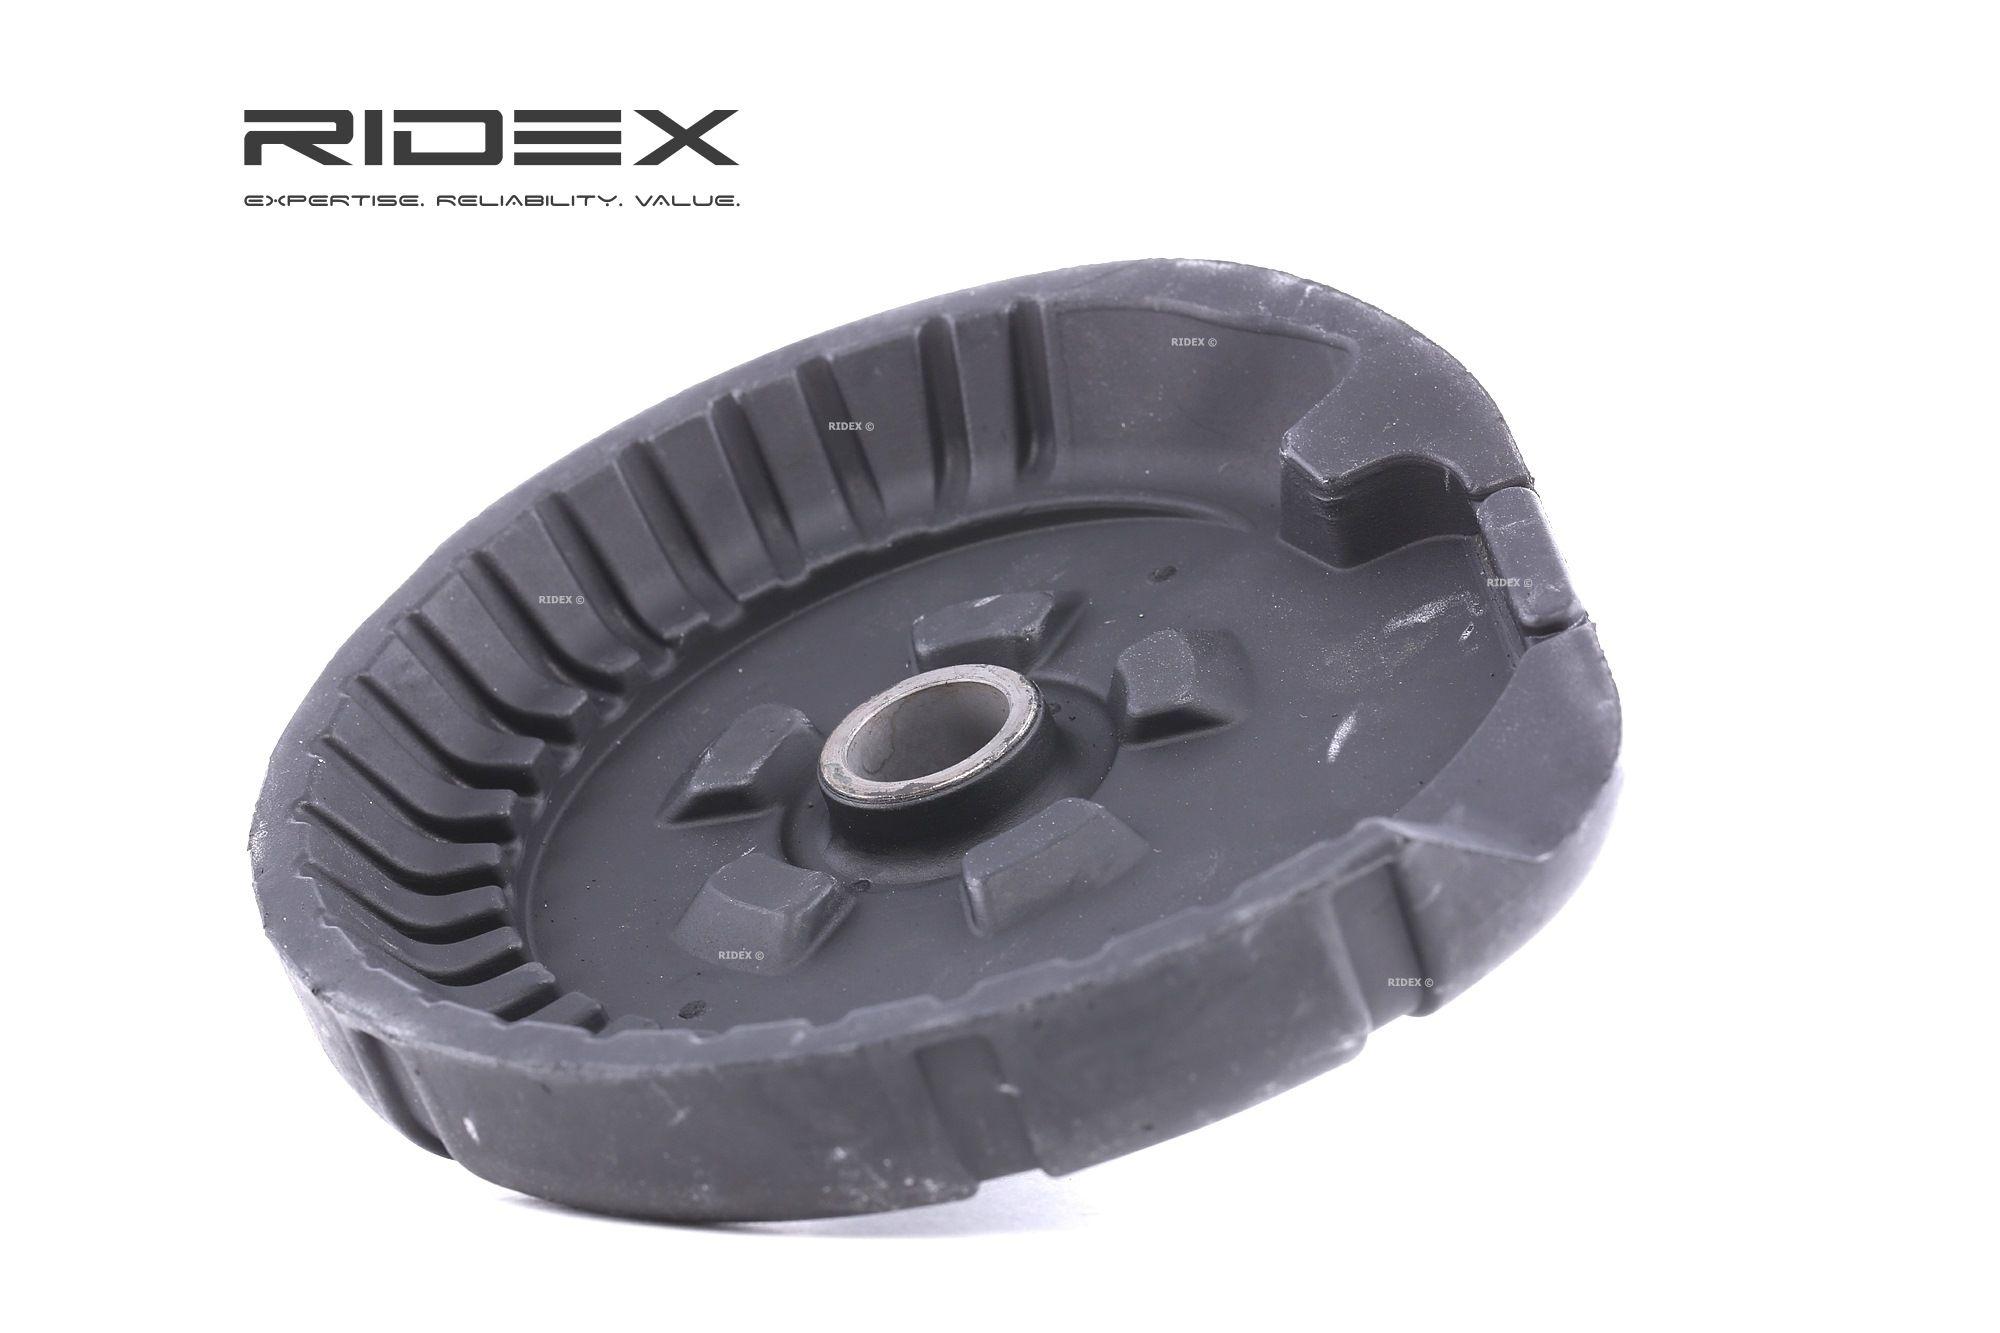 Hjulupphängning och armar 1180S0002 som är helt RIDEX otroligt kostnadseffektivt